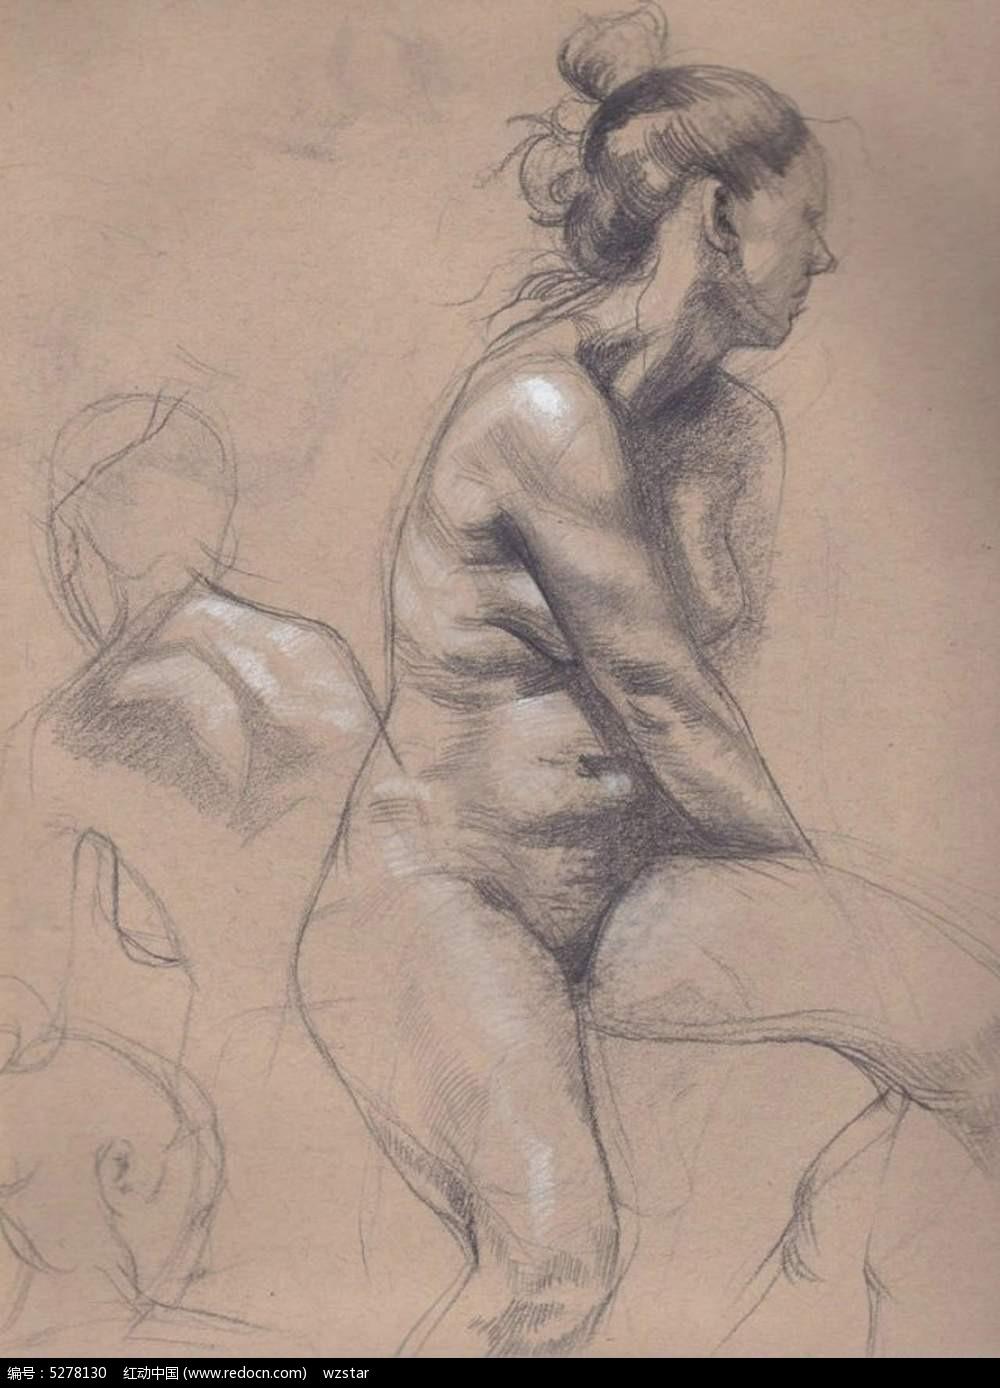 赤裸的妇女简洁人物素描图片